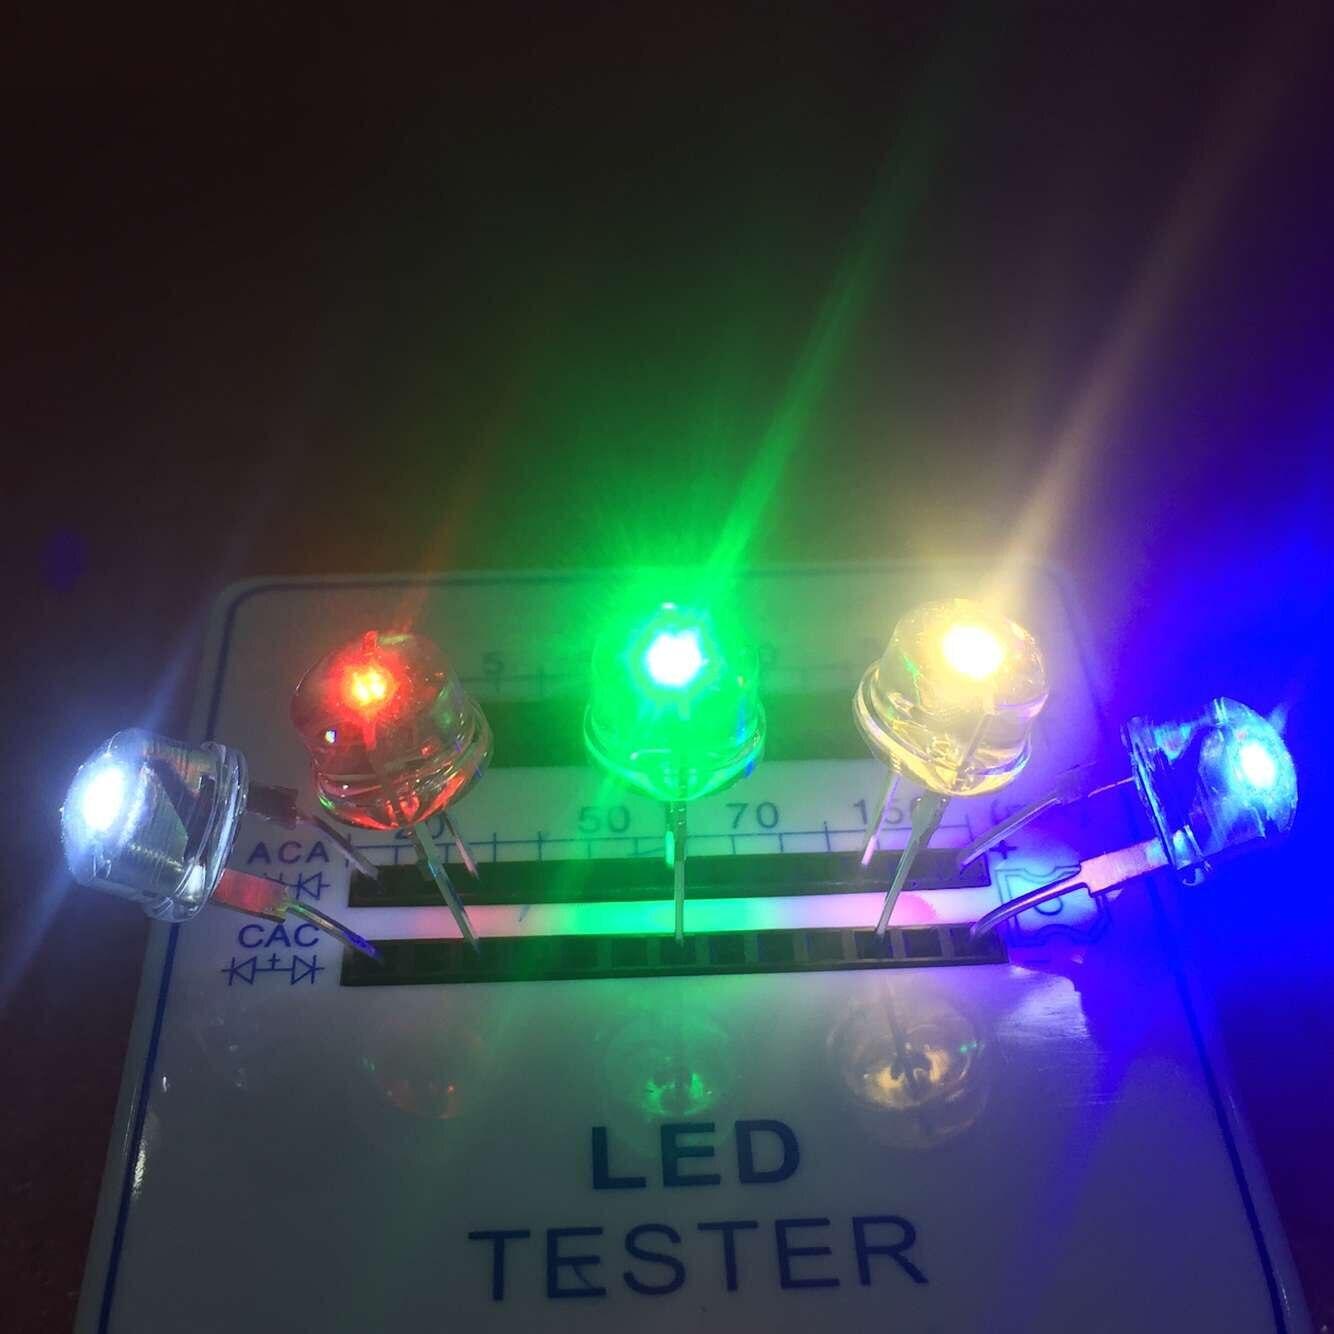 Venda 5 Cores Hot 50 pcs multicolor 8mm LED Vermelho transparente amarelo Azul Verde Branco F8 Emissor de Luz Do Chapéu de Palha LED diodo